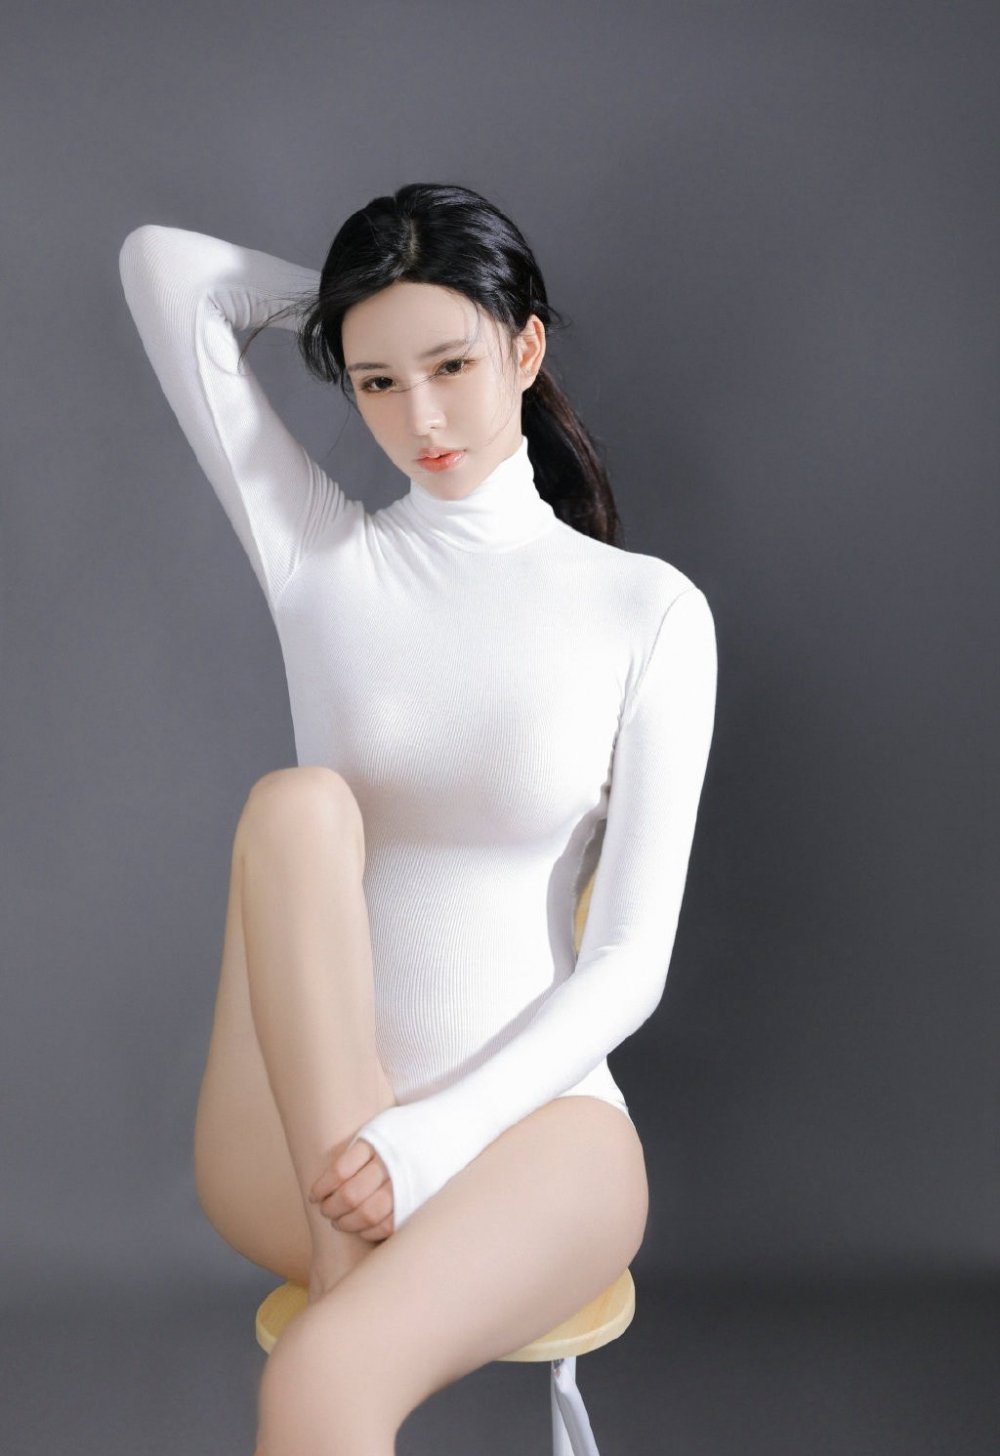 连体体操服美女妖娆身材迷人写真